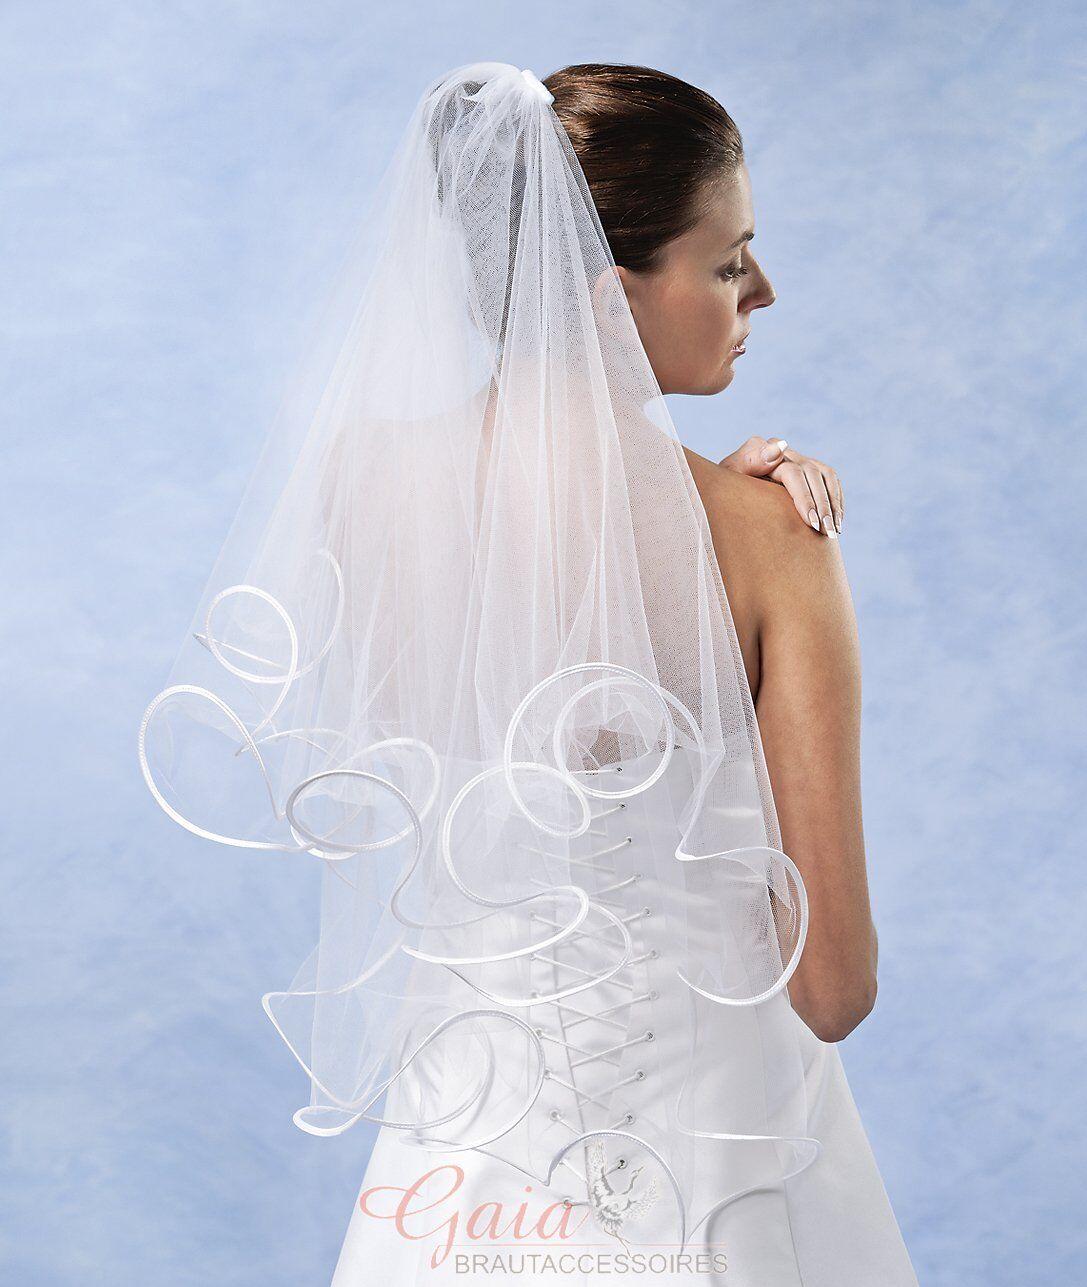 ❤ Braut Schleier mit Kamm 70/60 weiß ivory z. Brautkleid Hochzeitskleid